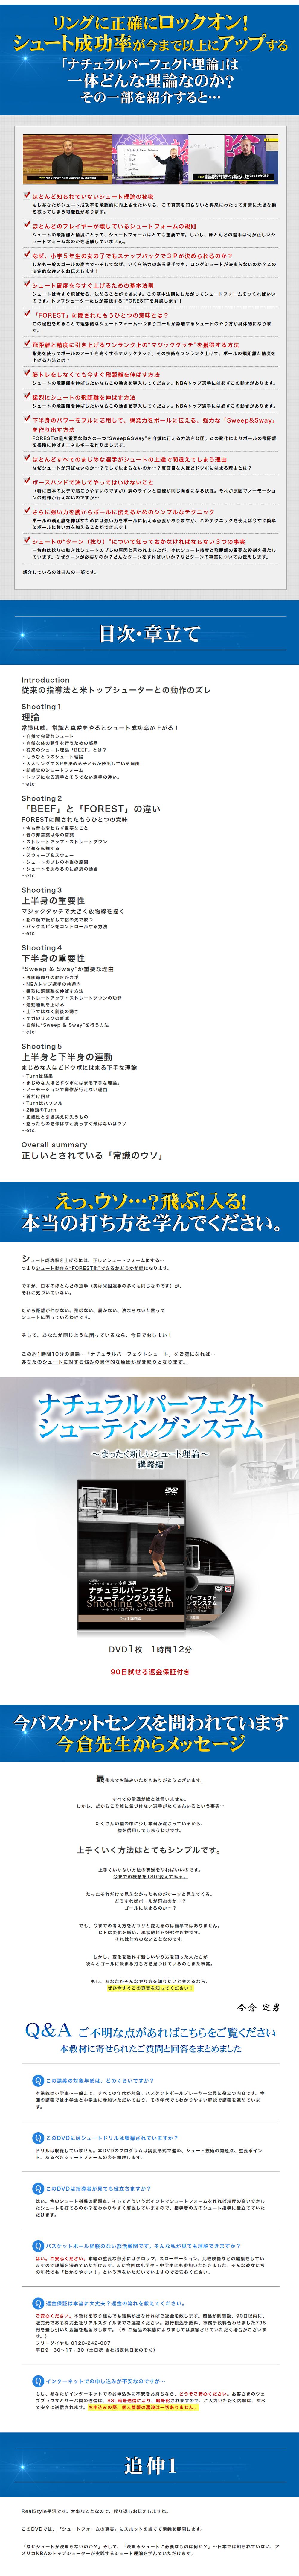 バスケットボール DVD ナチュラルパーフェクトシューティングシステム 〜まったく新しいシュート理論〜 講義編